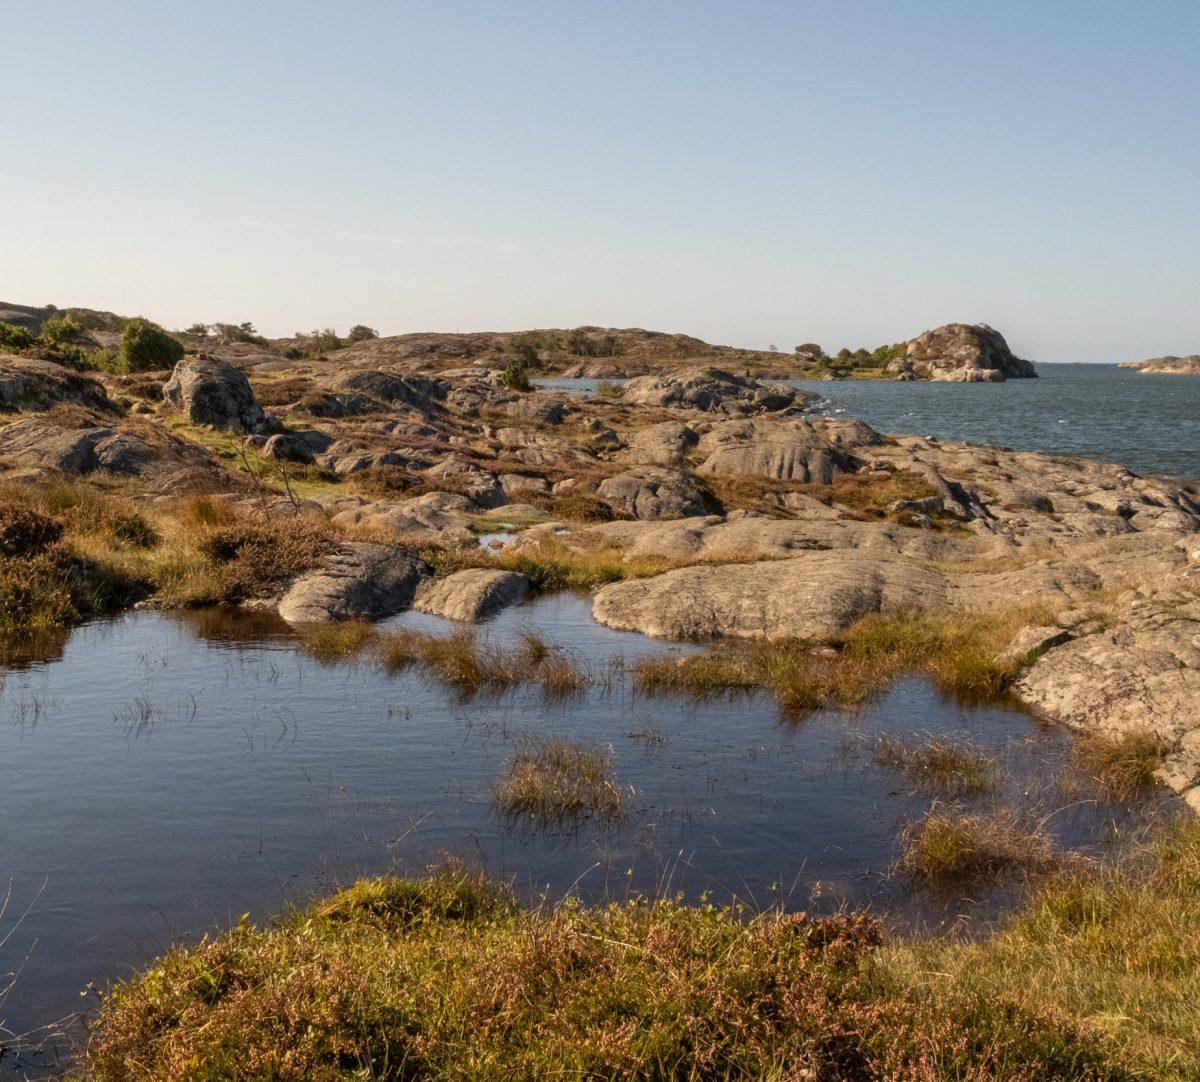 Utsikt över hav och klippor. Foto.